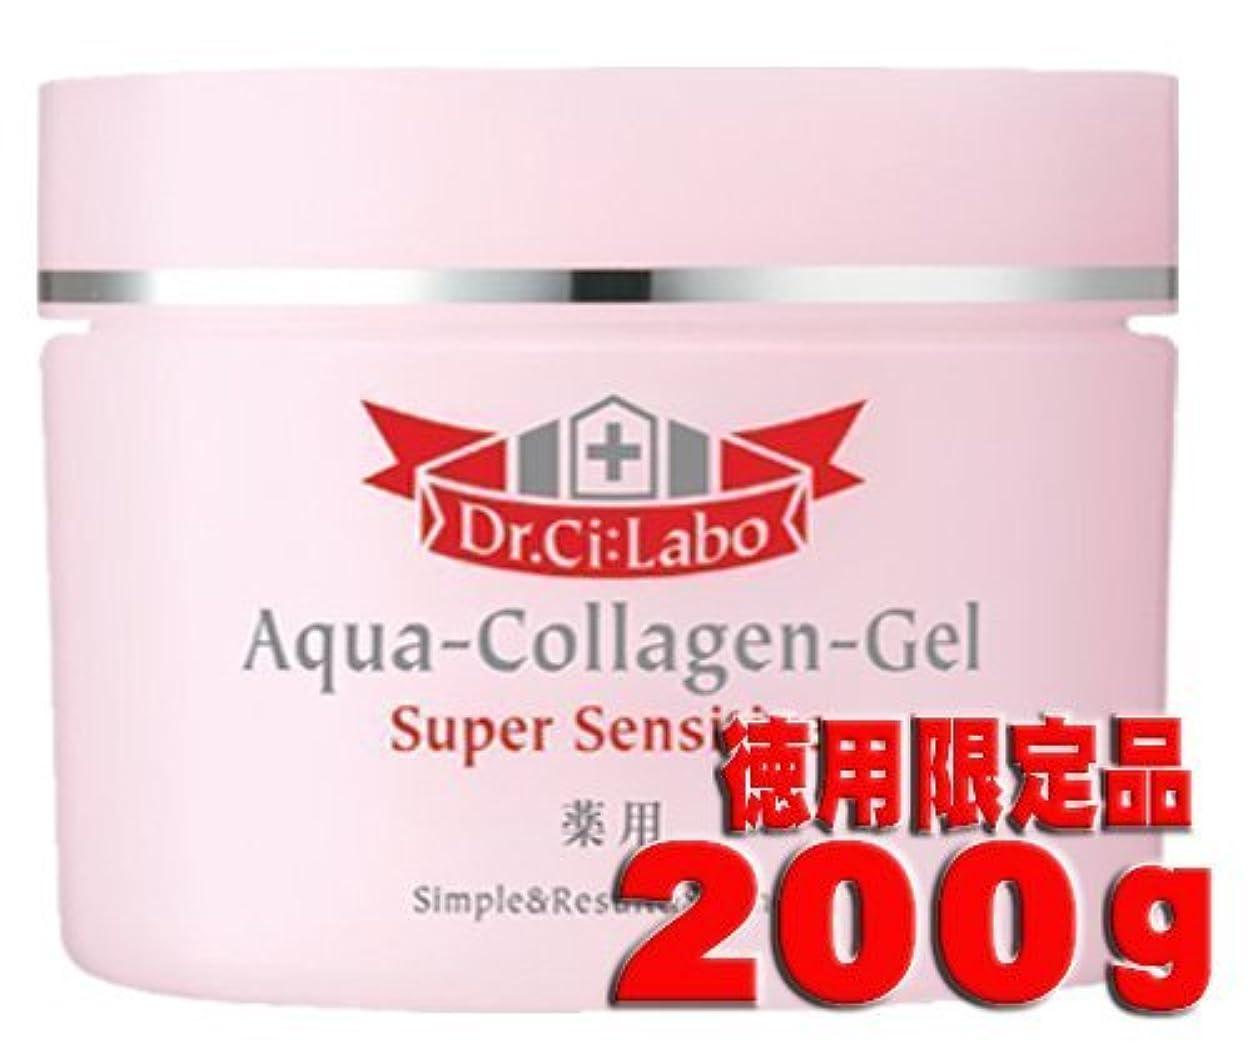 パンサー悪のモンク薬用アクアコラーゲンゲル スーパーセンシティブもっとお得な200g